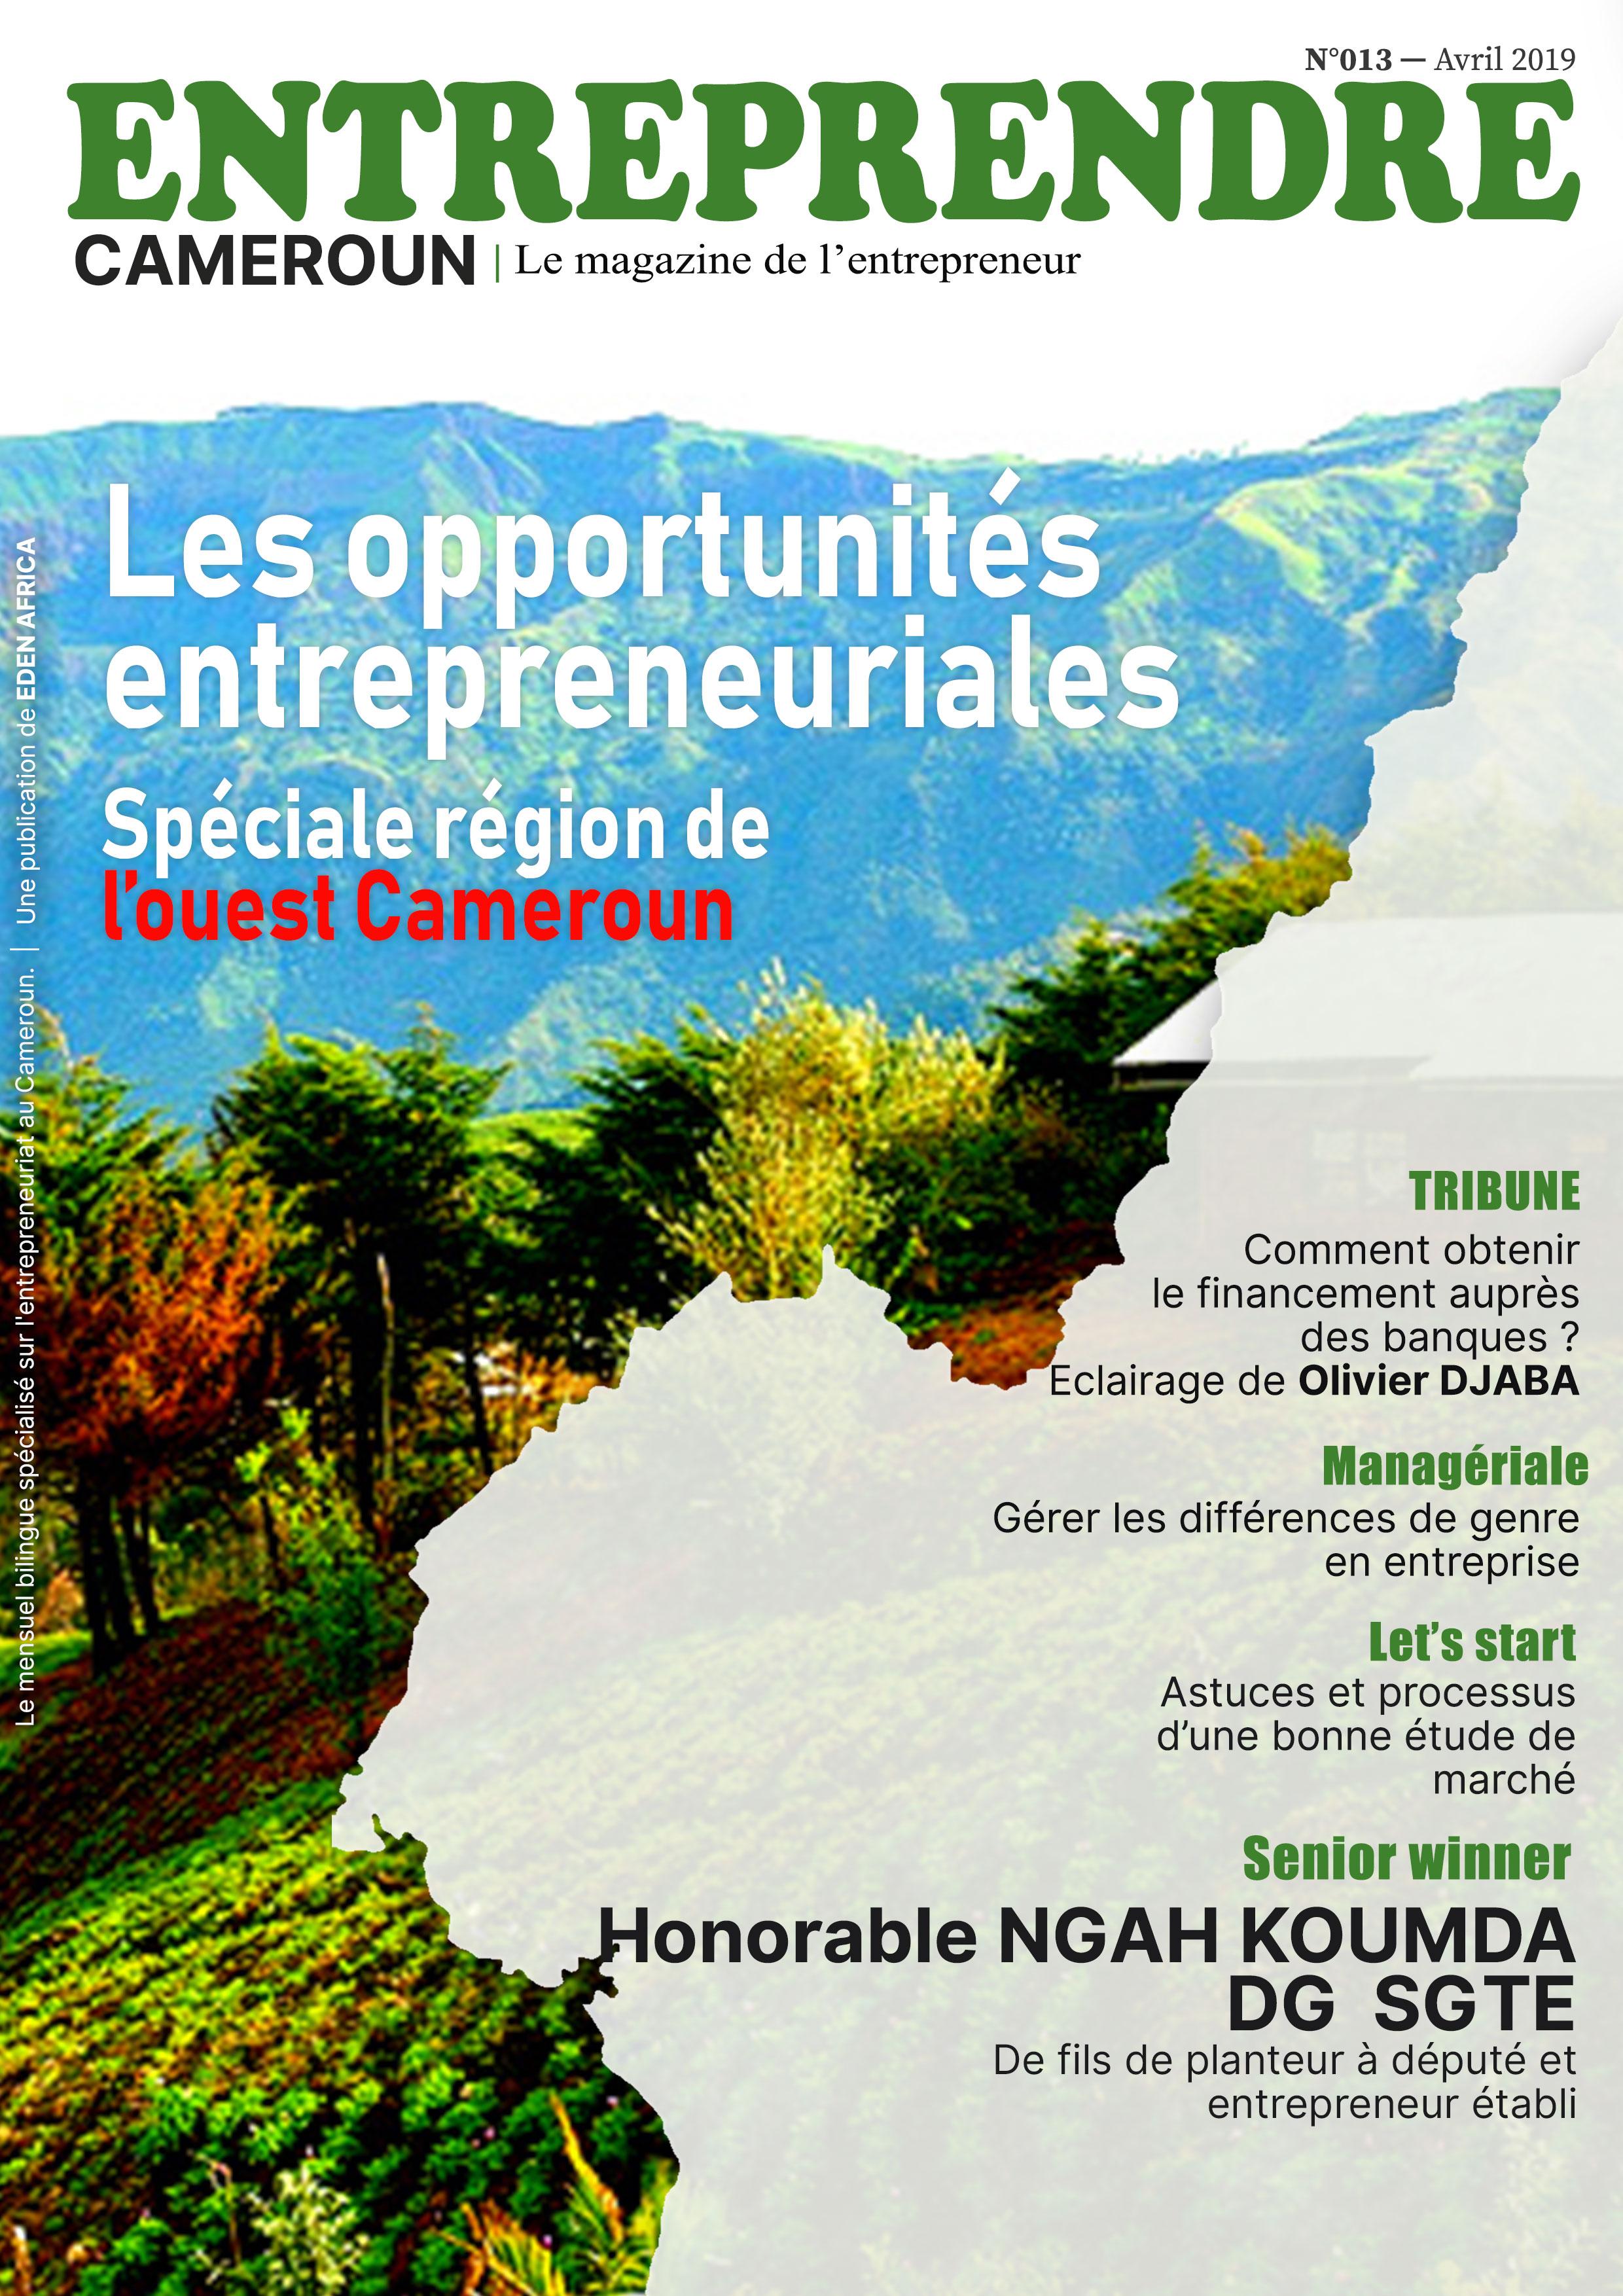 Les opportunitées entrepreneuriales Spéciale région de l'ouest Cameroun